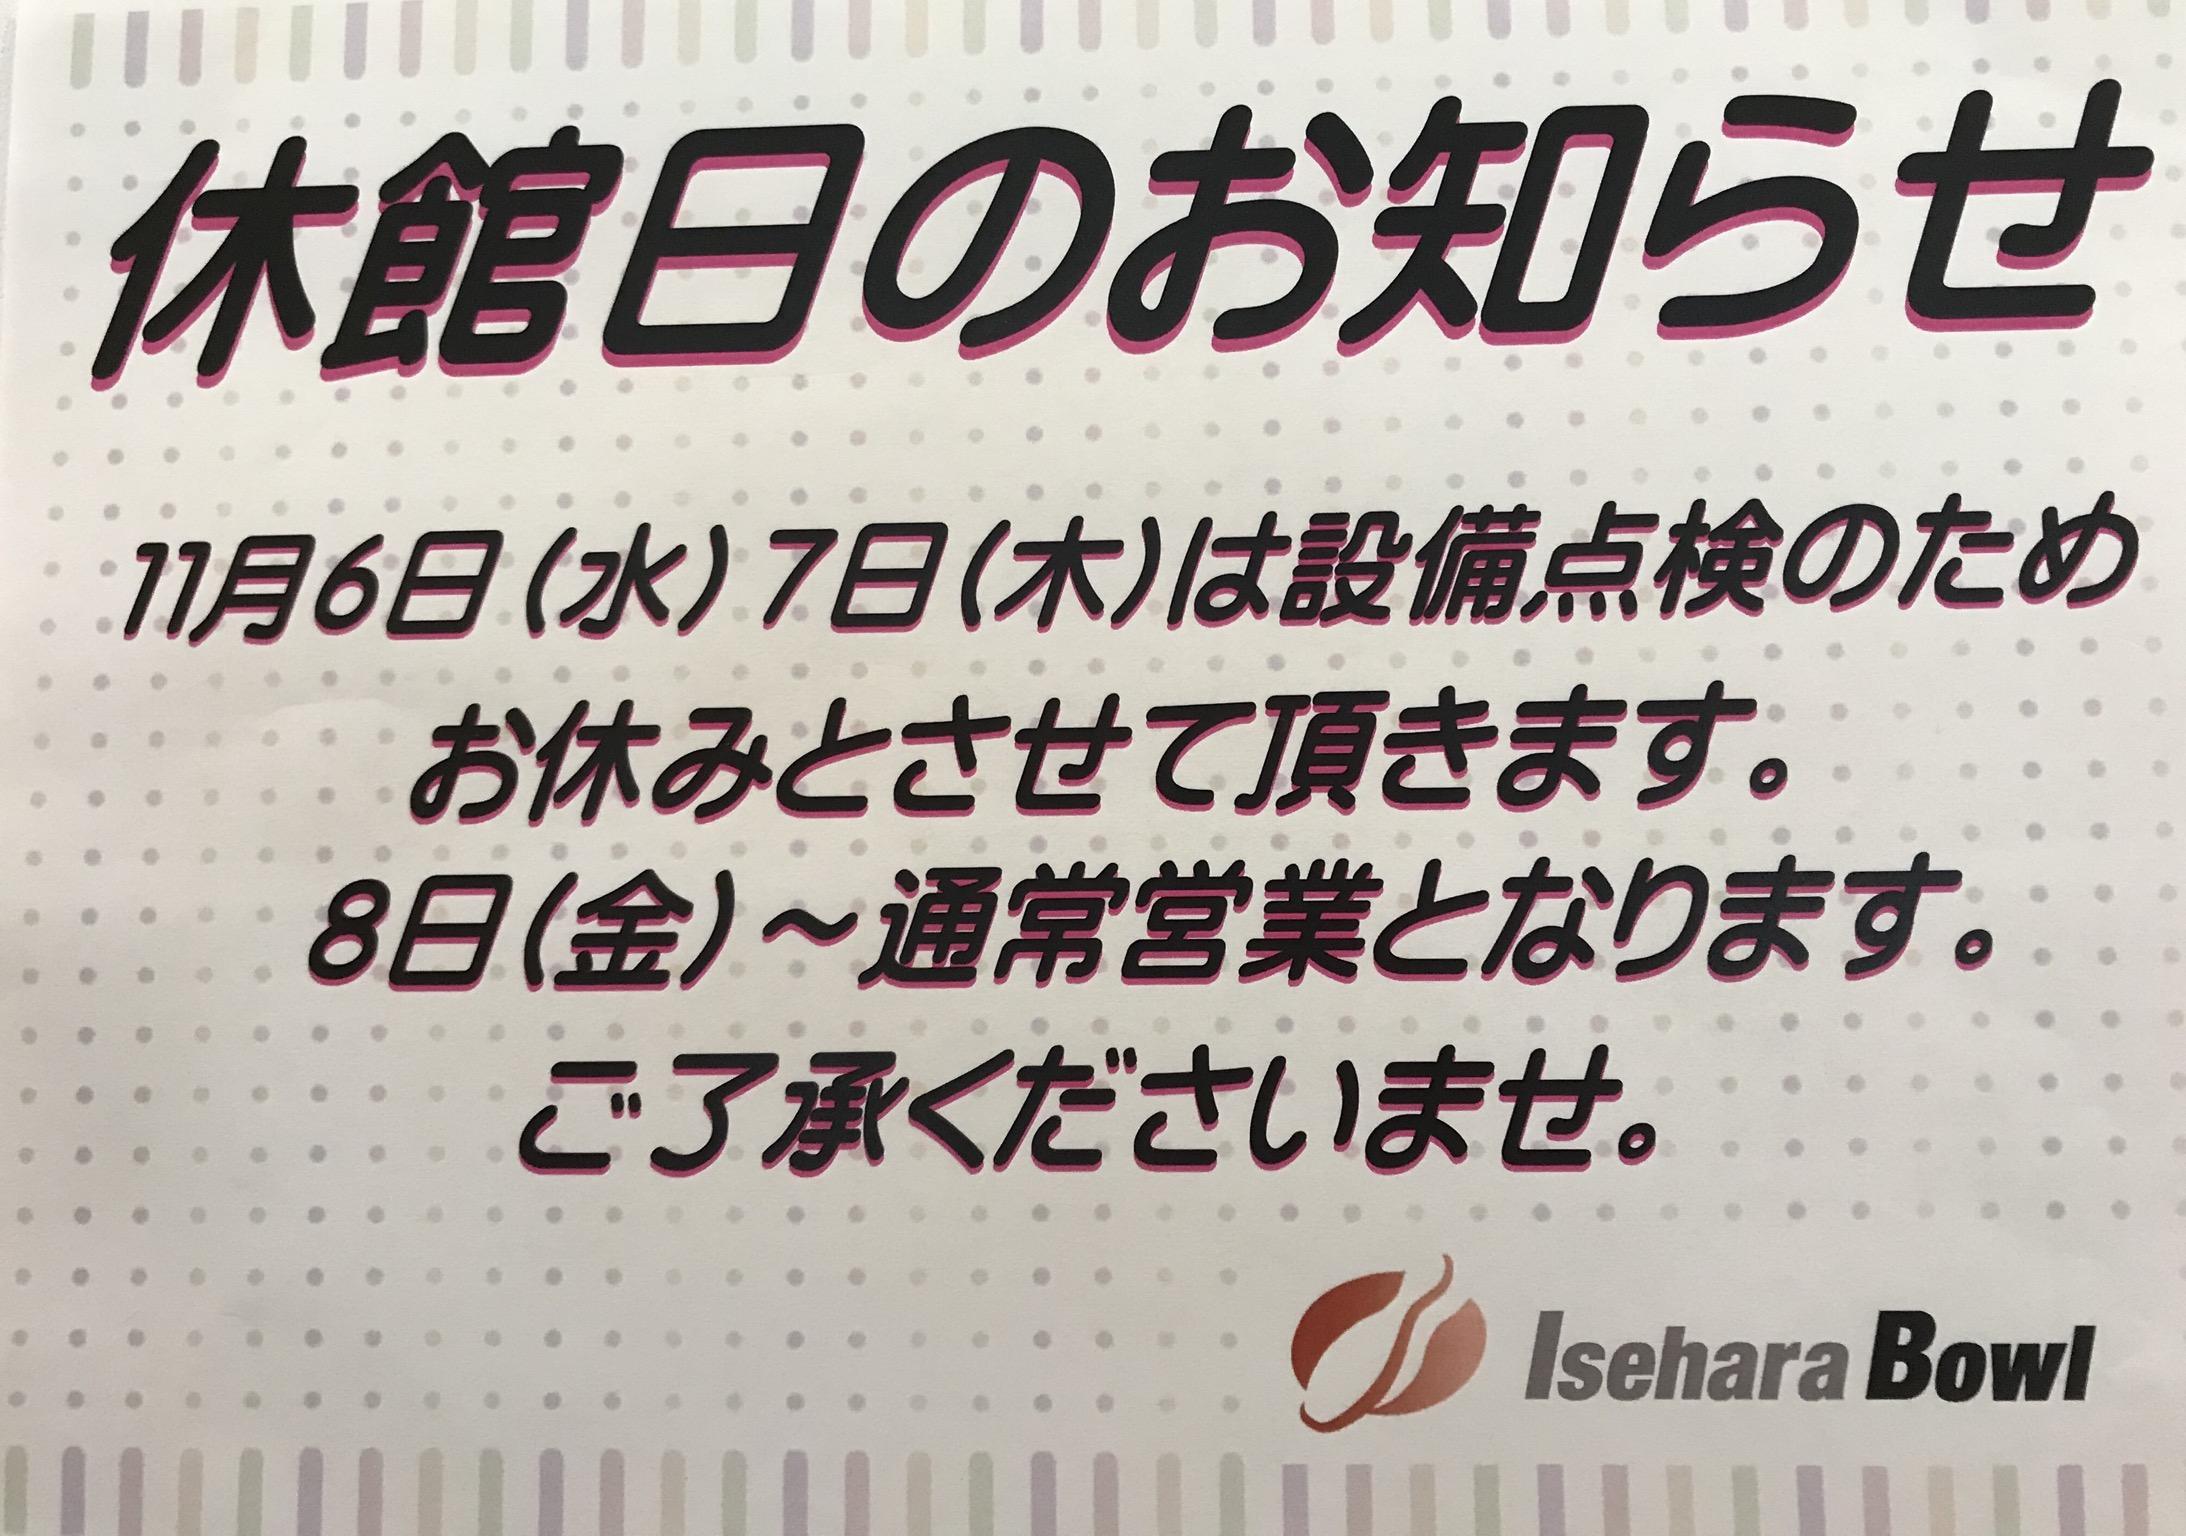 B4DE057B-F1AC-4DD6-BB0C-99BD0E5F3F17.jpeg